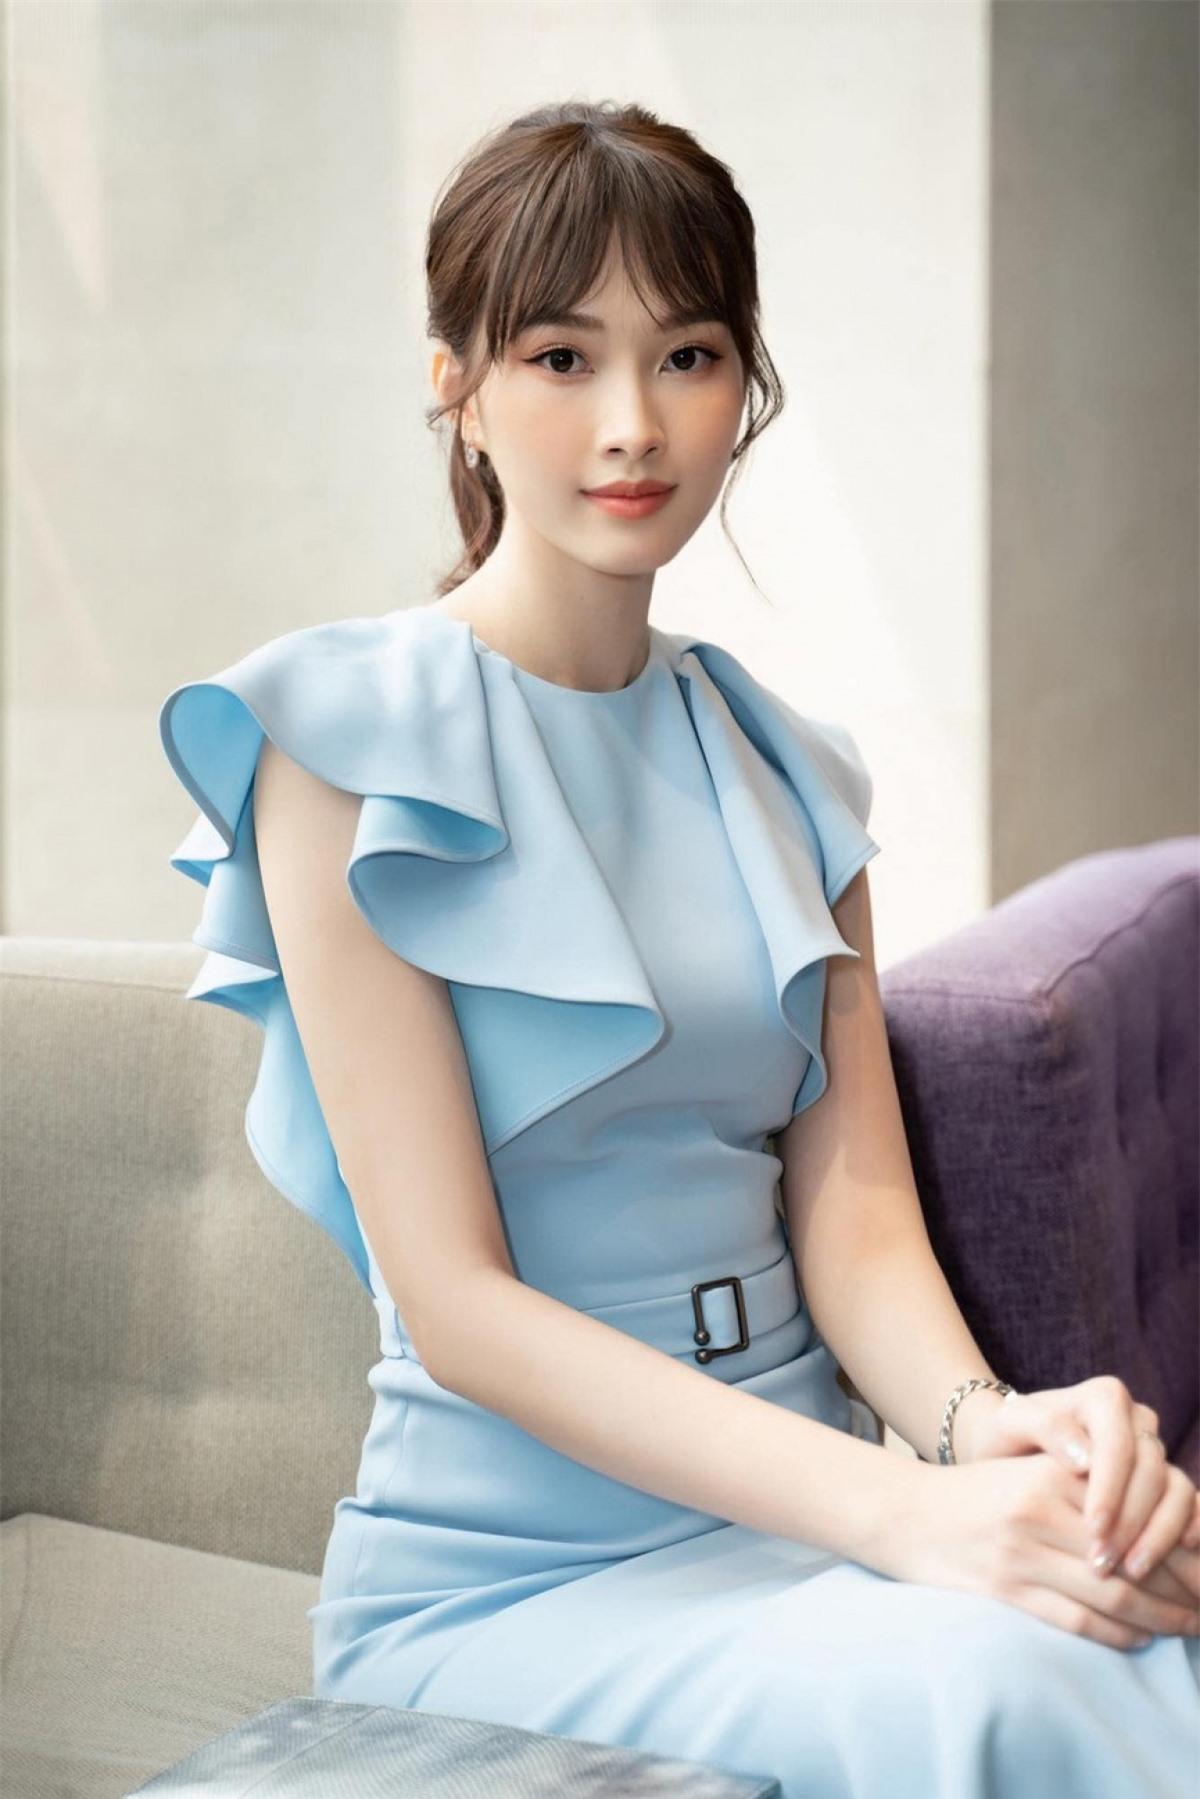 Sau nhiều năm được fans ưu ái dành tặng danh hiệu 'thần tiên tỷ tỷ', Đặng Thu Thảo vẫn giữ vững phong độ và là một trong những nàng hậu được mến mộ nhất hiện nay.